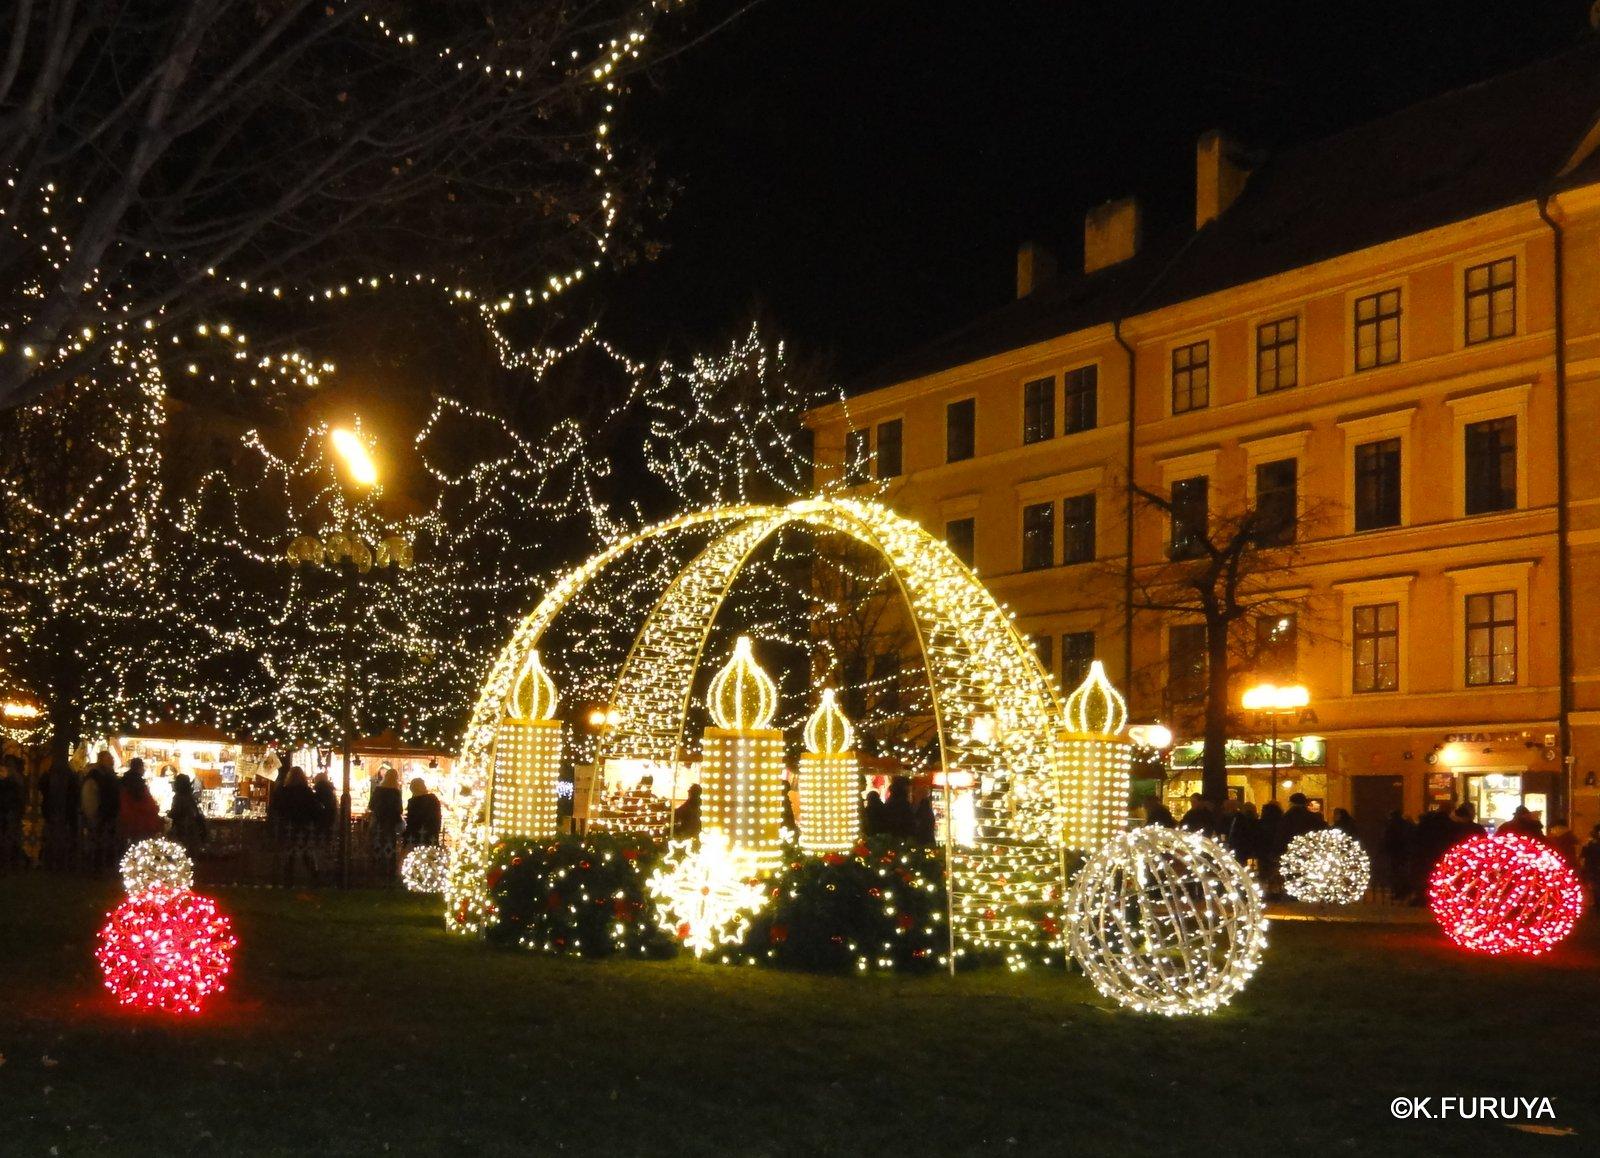 プラハ 14 旧市街広場のクリスマスマーケット_a0092659_23313930.jpg